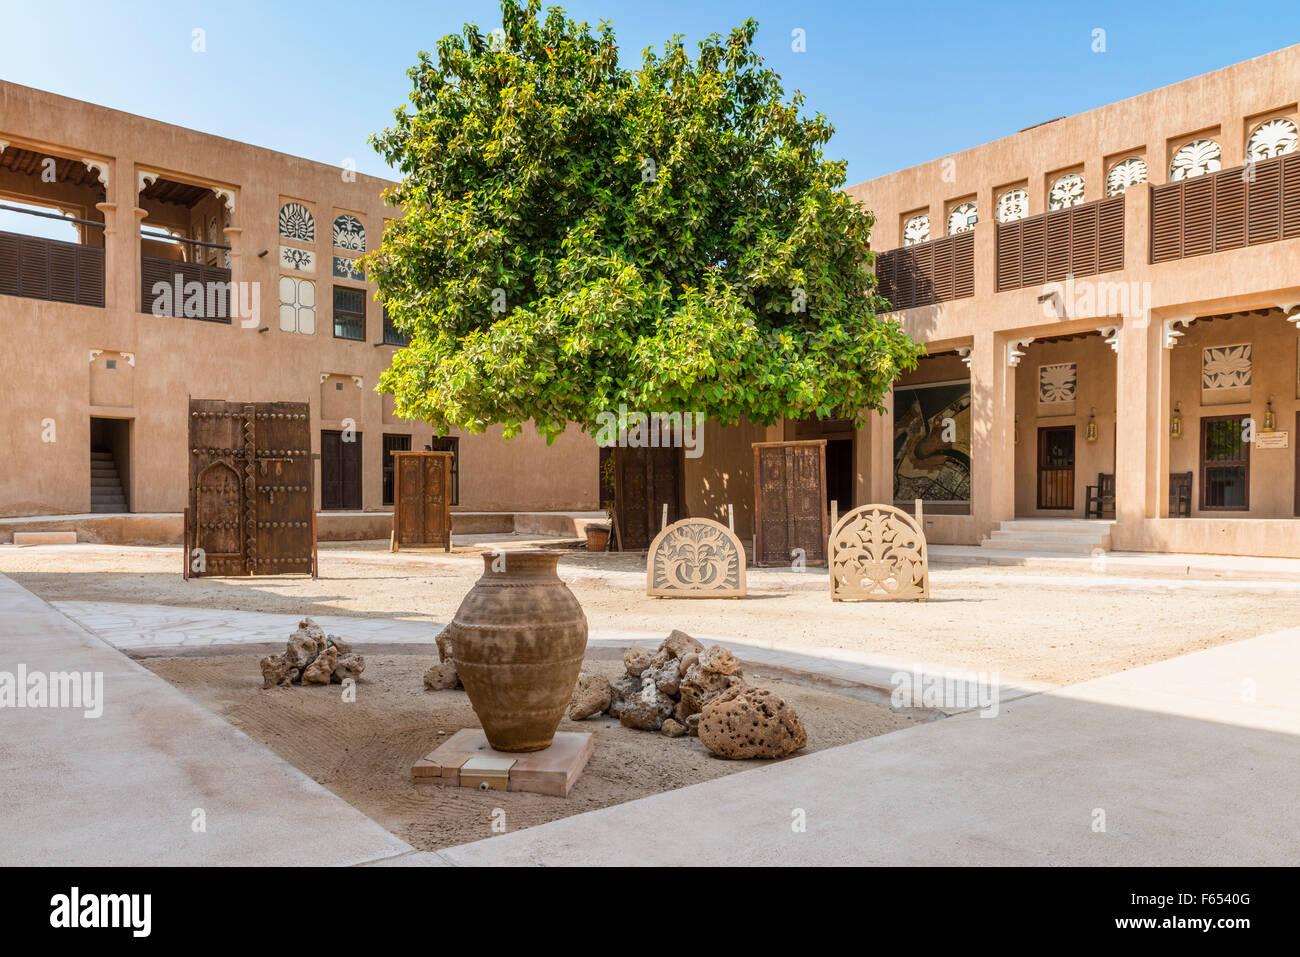 Cortile in architettura tradizionale Museo in area patrimonio al Shindagha,Dubai Emirati Arabi Uniti Immagini Stock